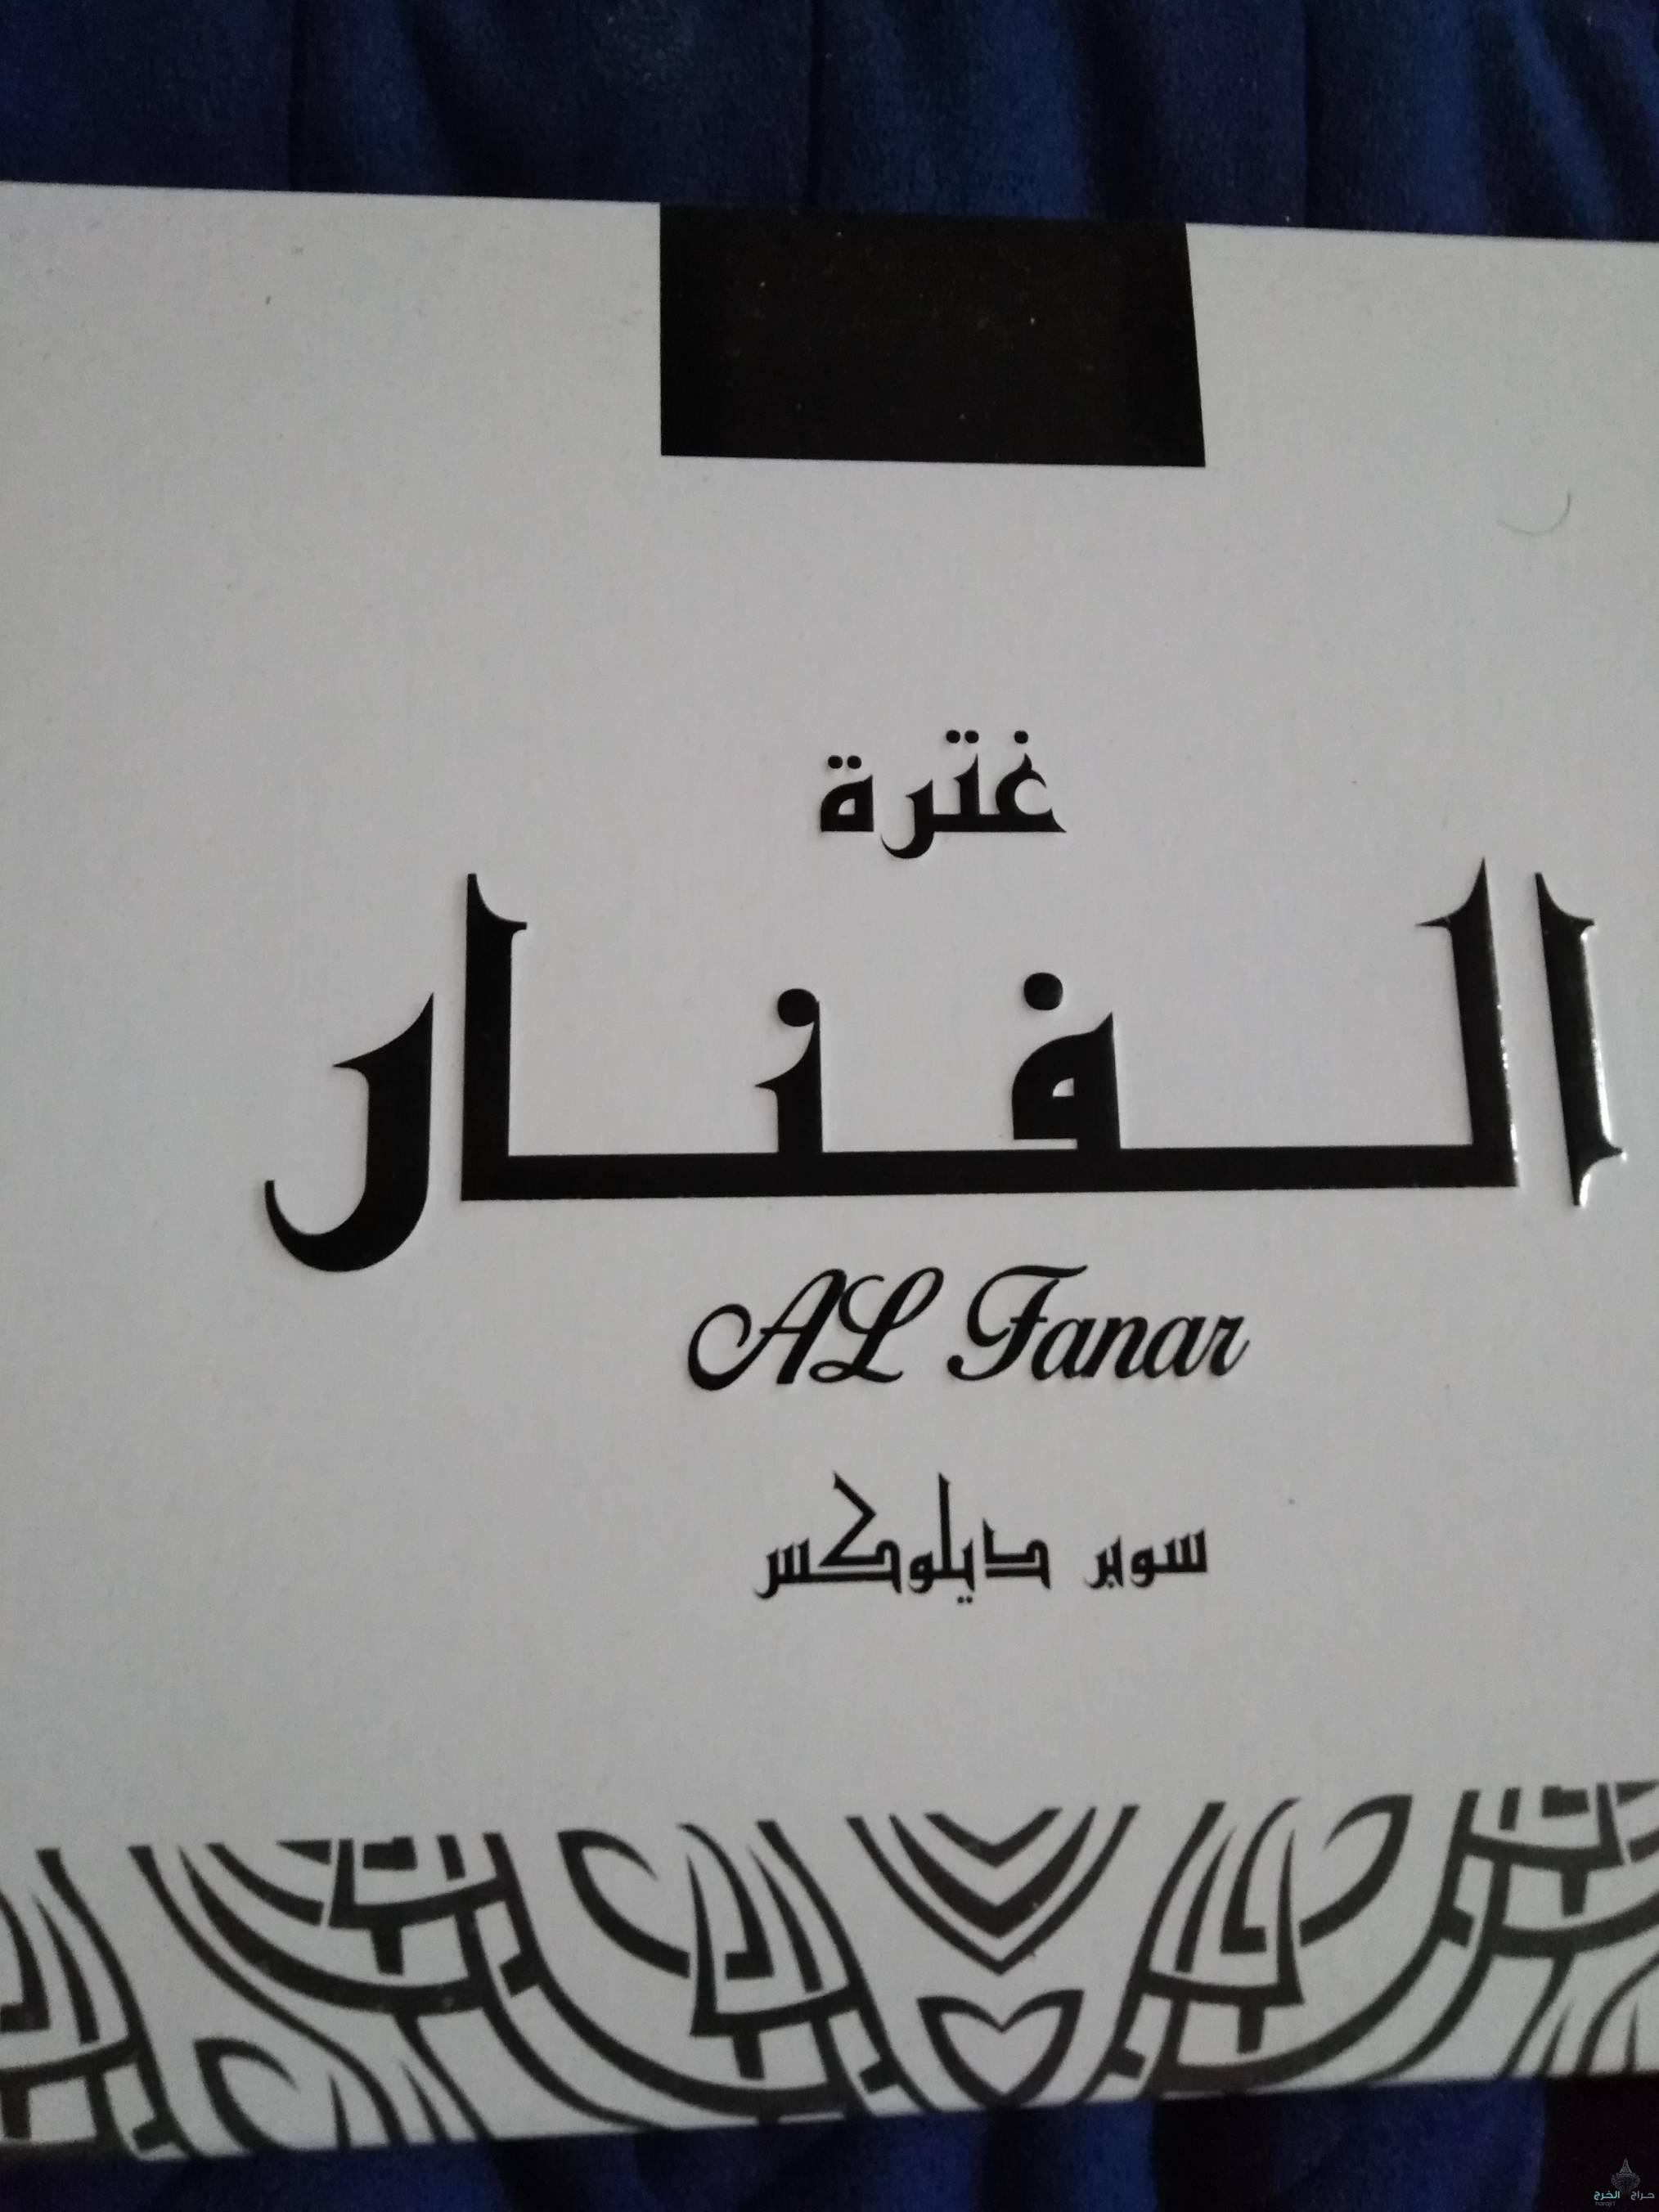 غترة الفنار الكويتيه الاصليه